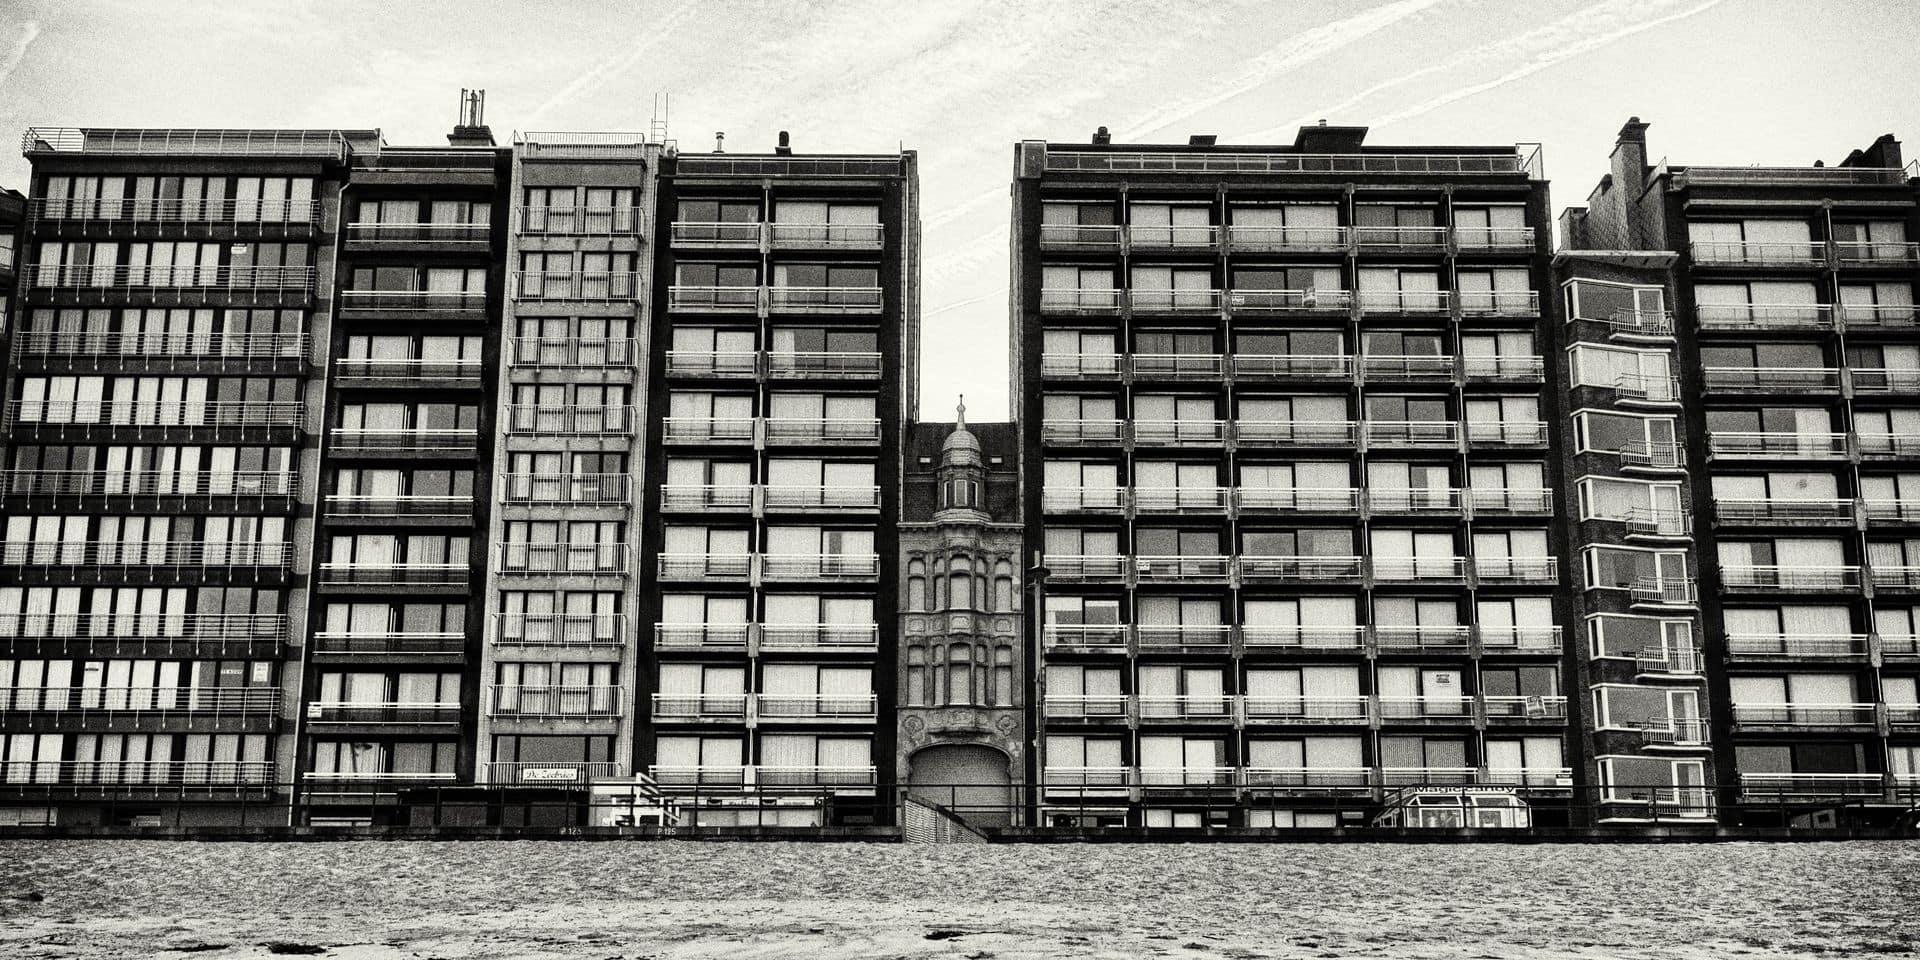 Sur la Côte, la durée de vie d'un immeuble ne dépasse pas les 25 ou 30 ans en moyenne